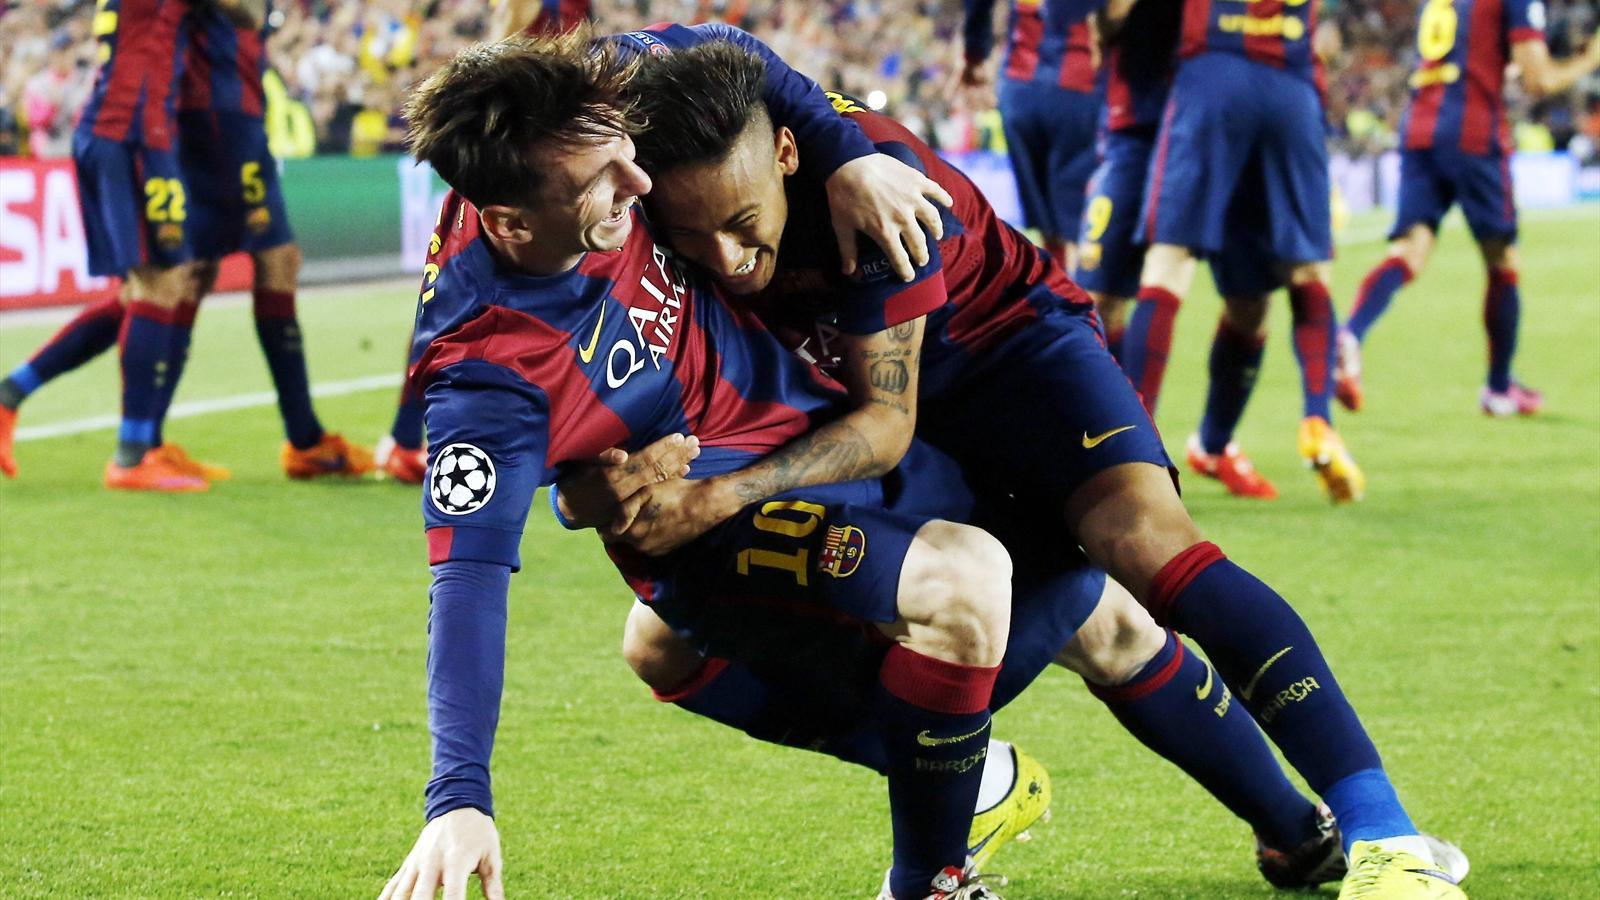 Les 11 stats que vous devez absolument connaître avant Juventus - Barcelone